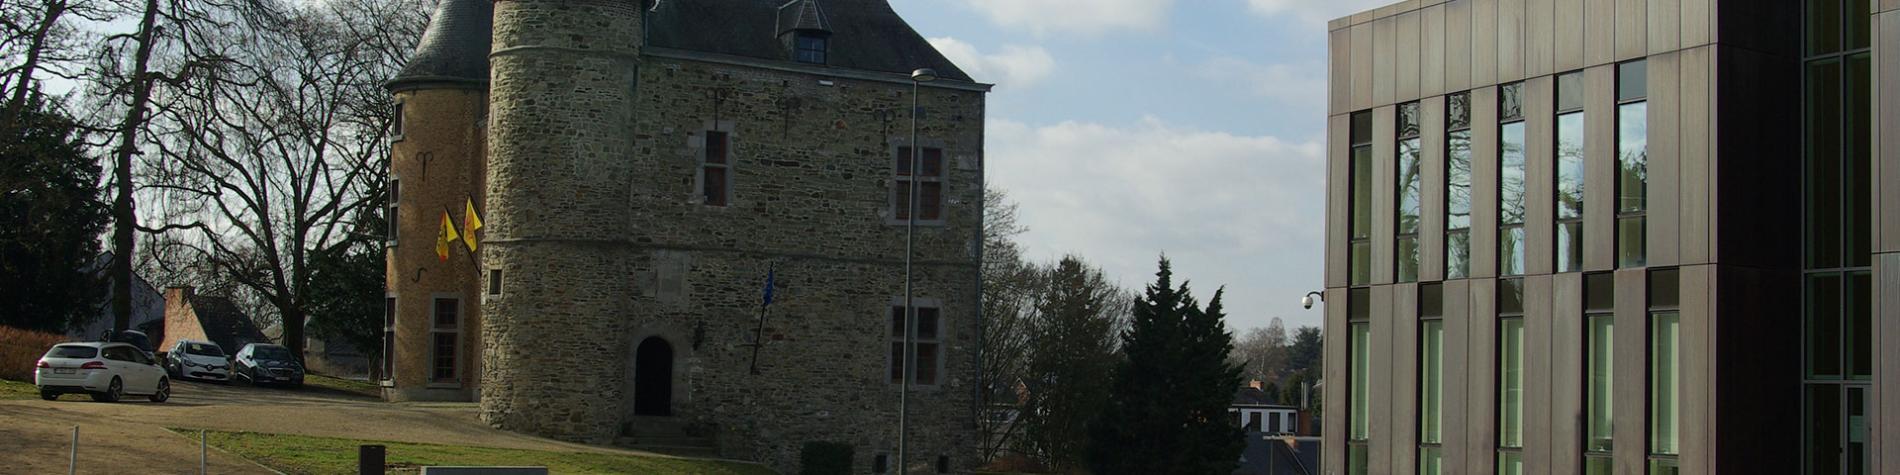 Musée - coutellerie Gembloutoise - Histoire - Gembloux - abbaye